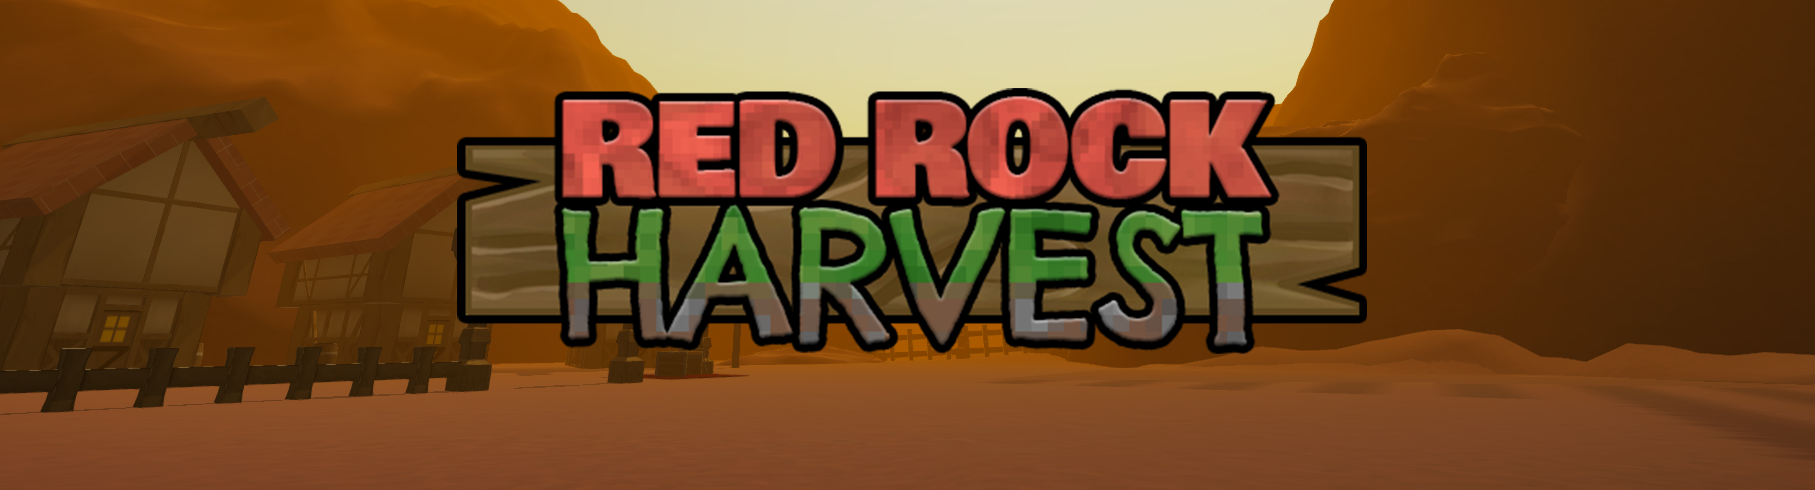 Red Rock Harvest